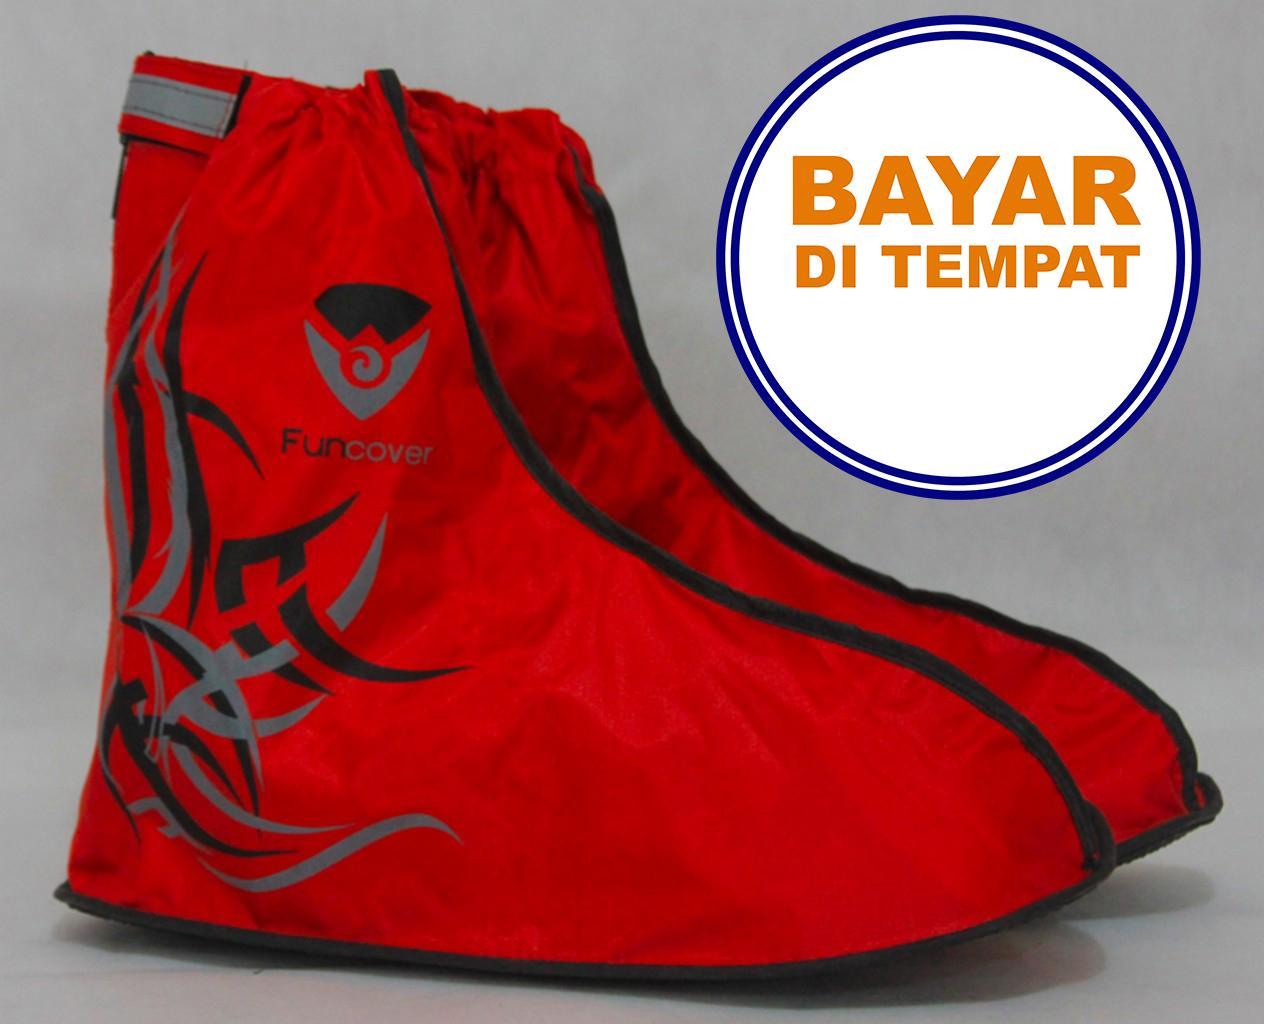 PROMO SAAT INI    Distributor Jas Hujan Sepatu,Sarung Sepatu,Cover Shoes Anti Air  Fun Cover